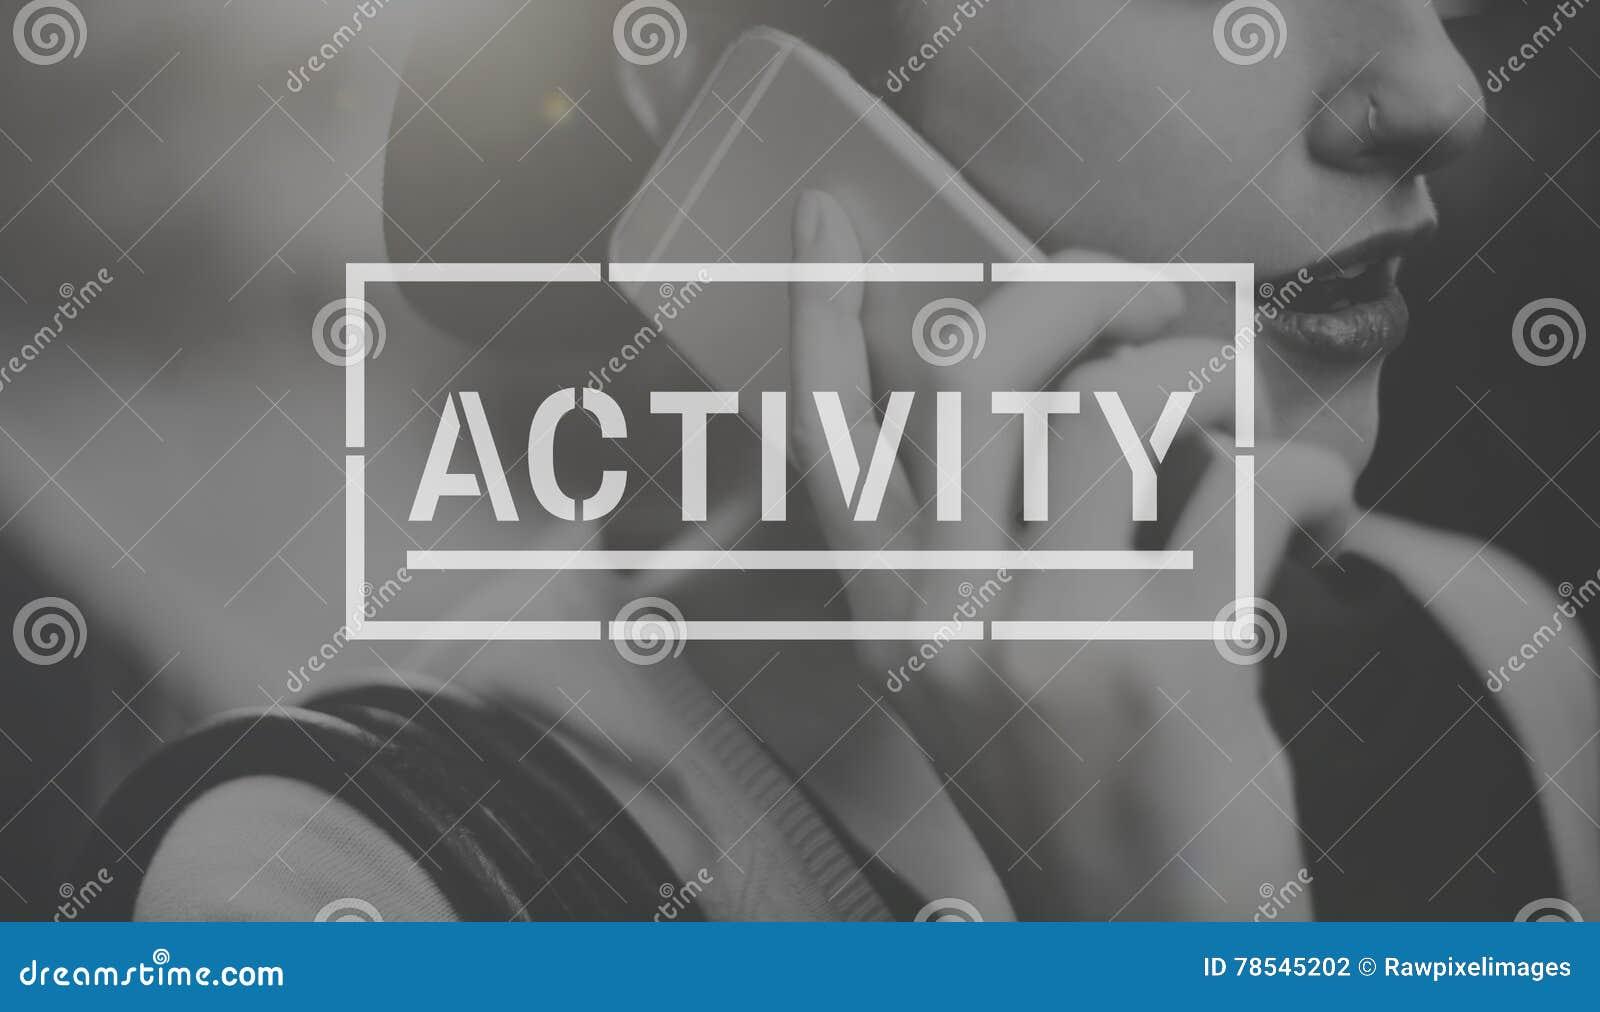 activity hobbies interest leisure concept stock photo image activity hobbies interest leisure concept